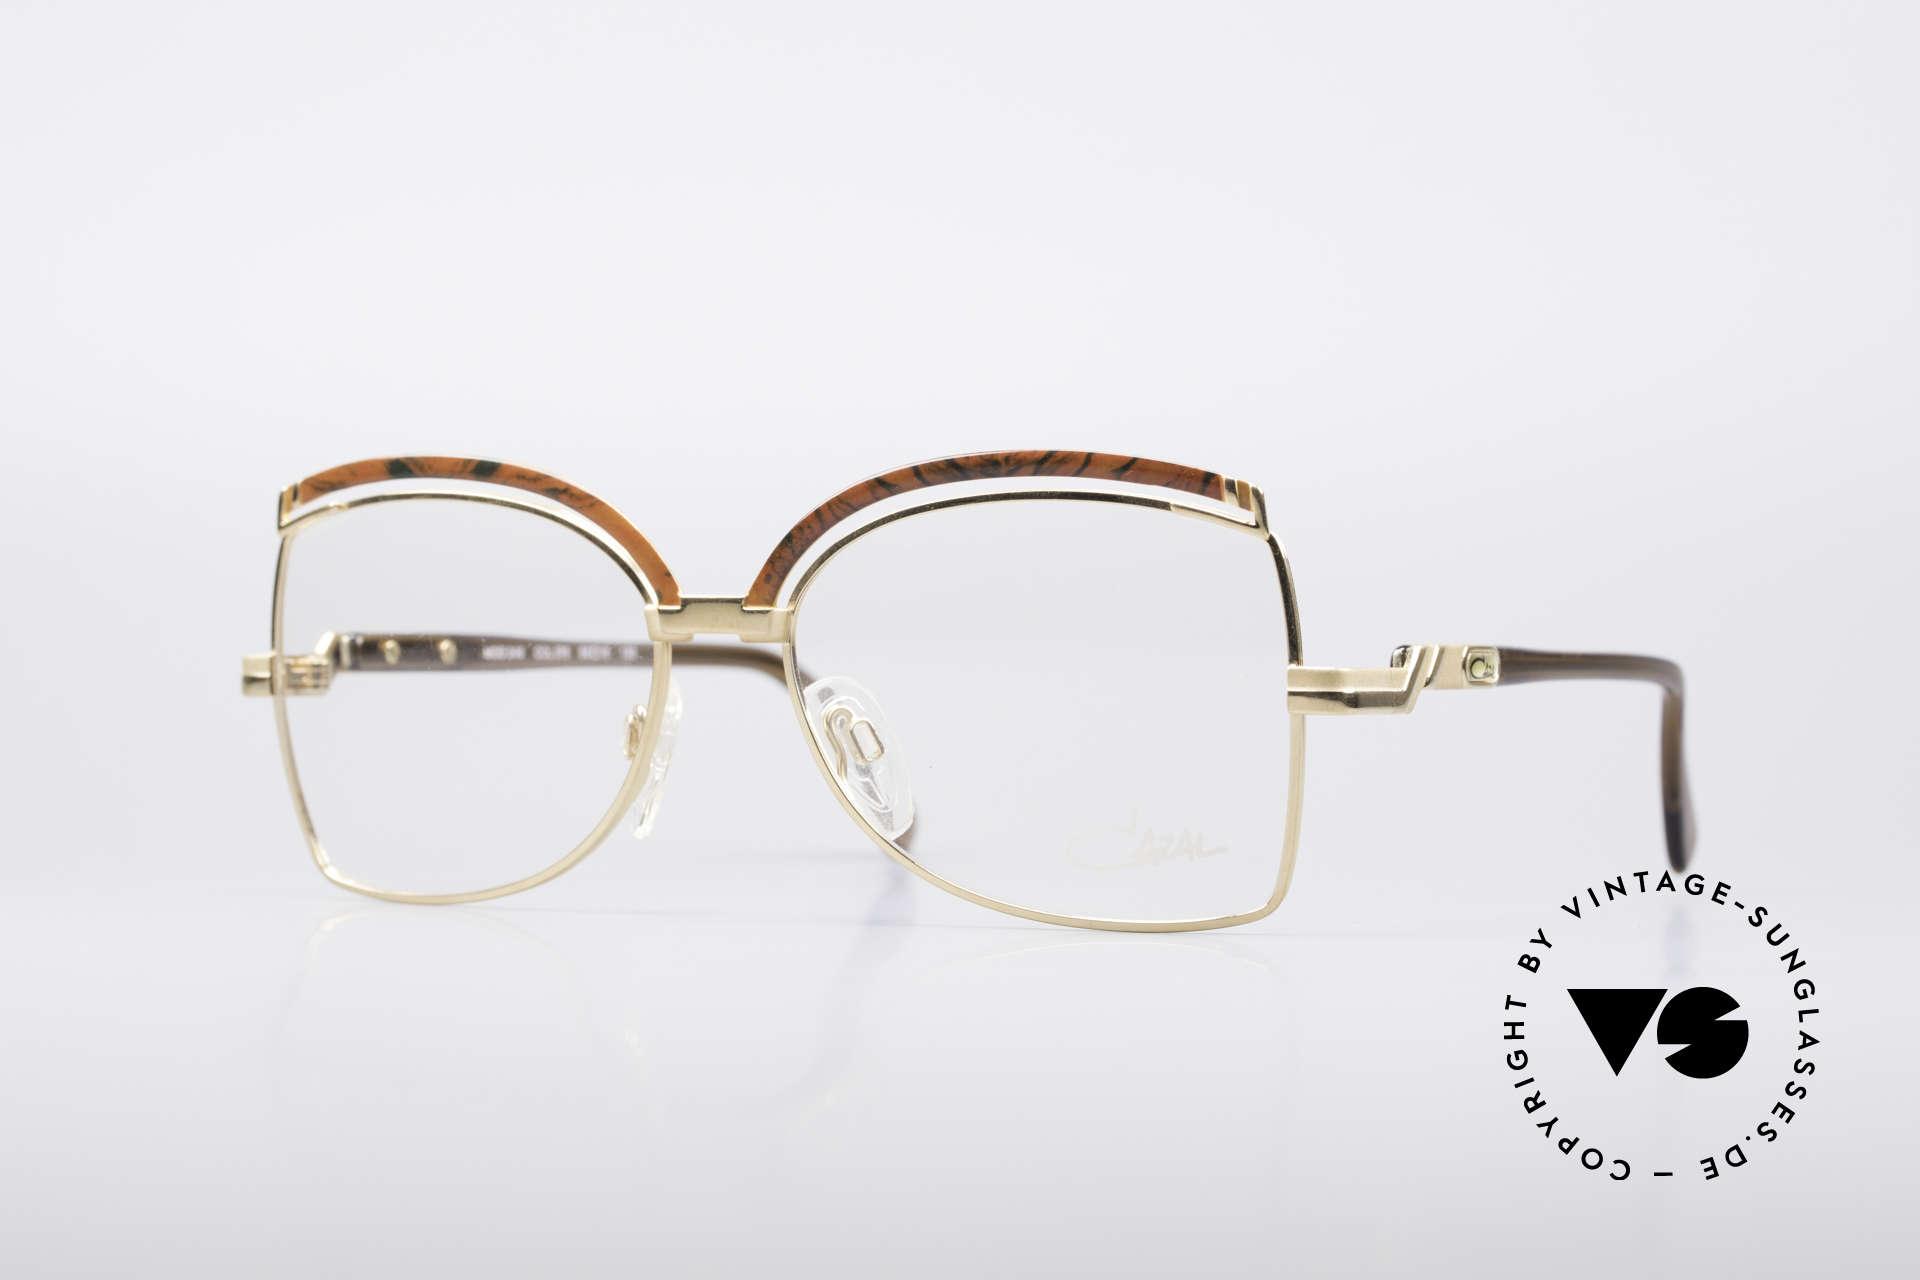 Cazal 240 90er Damen Designerbrille, feminine Cazal vintage Designerbrille von 1990, Passend für Damen